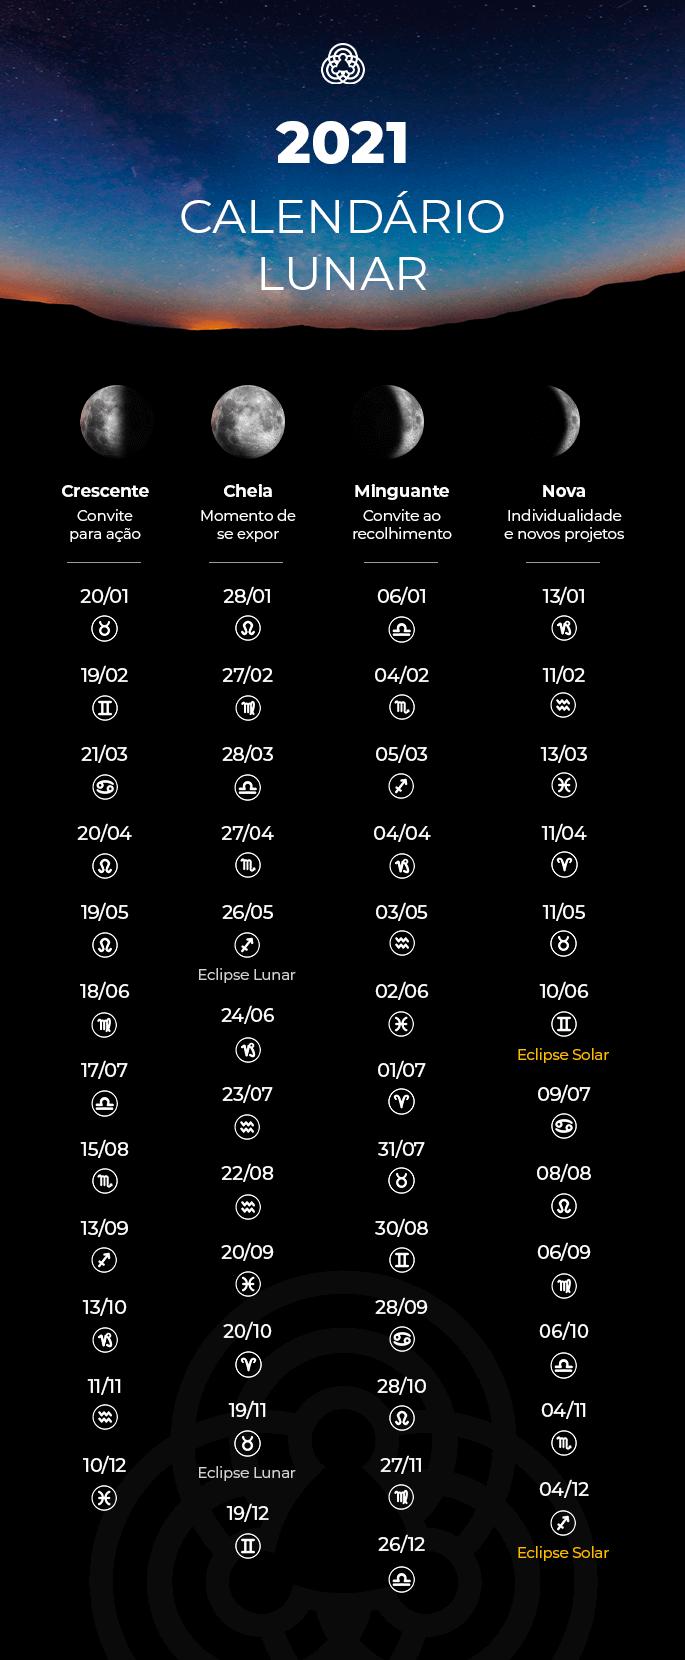 Calendário Lunar 2021 _ Personare